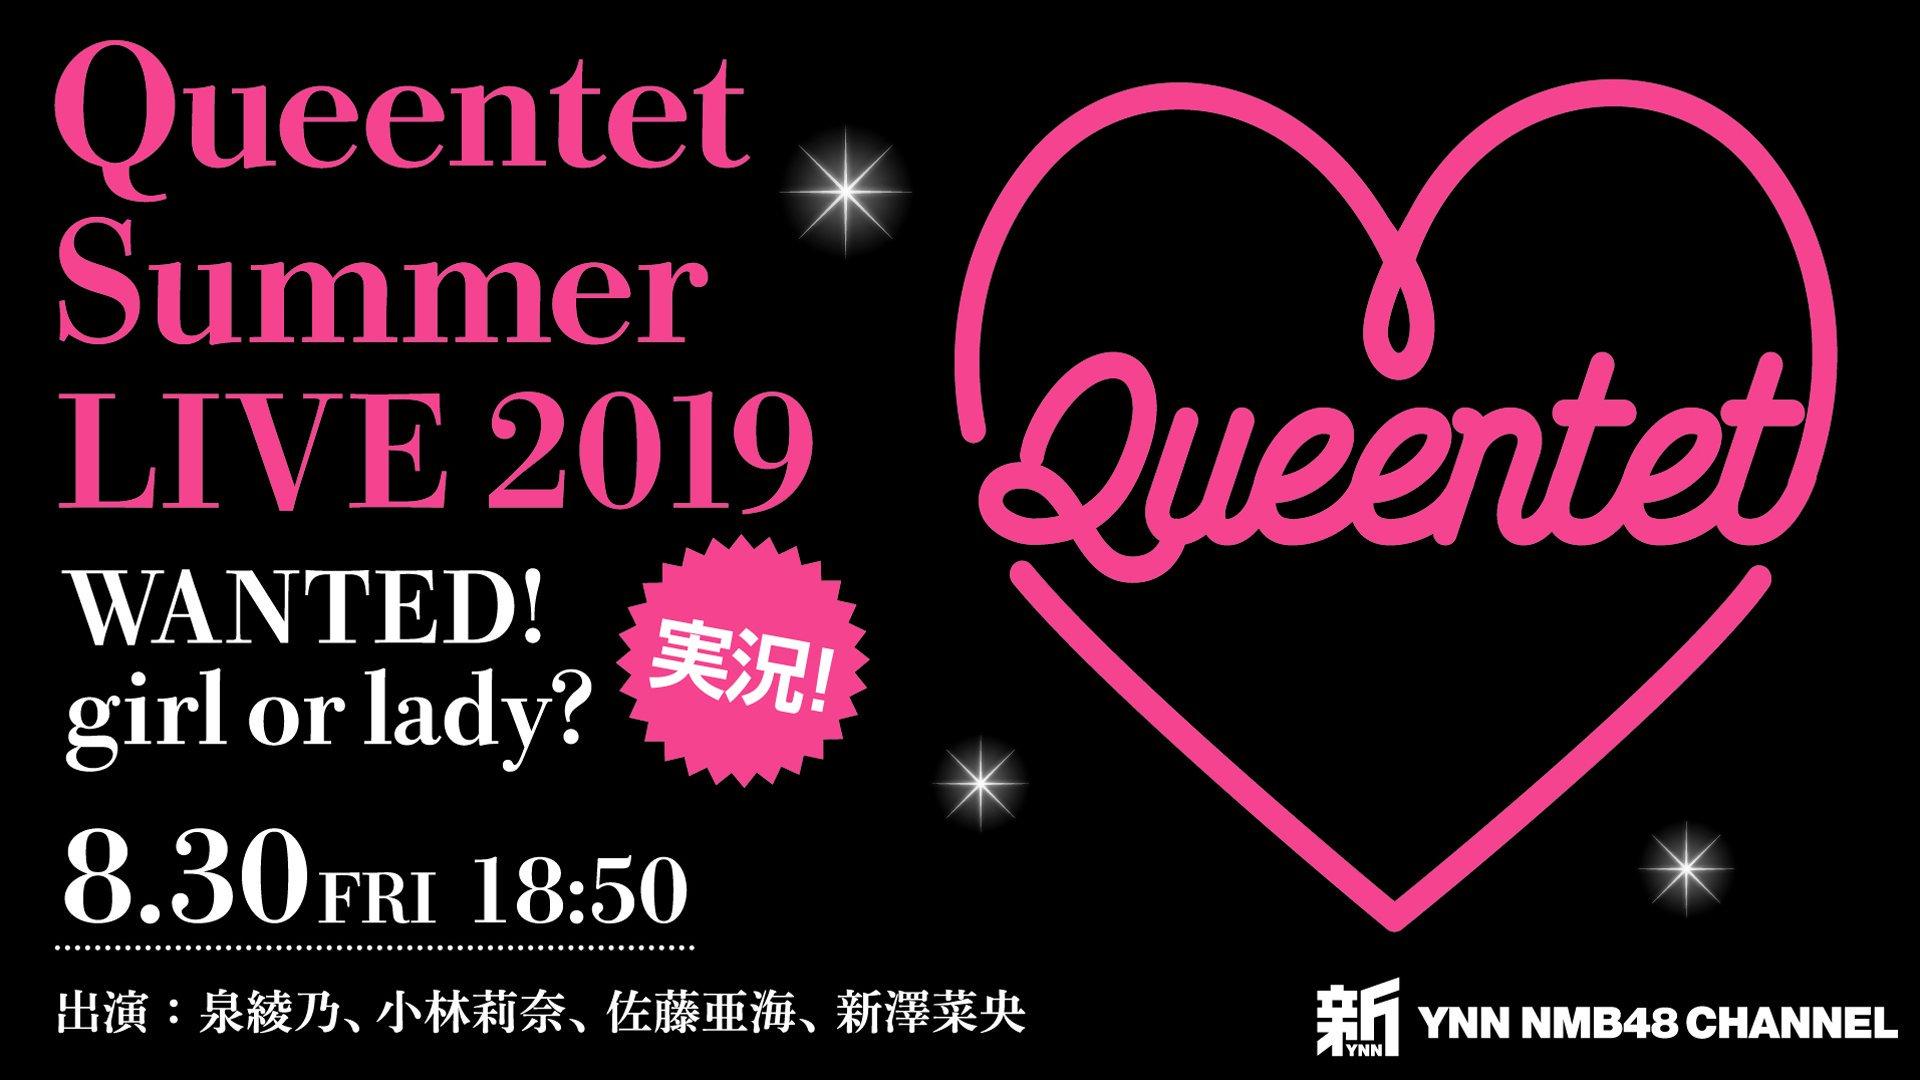 【泉綾乃/小林莉奈/佐藤亜海/新澤菜央】8/30に新YNNで「Queentet Summer LIVE 2019」の実況配信が決定。